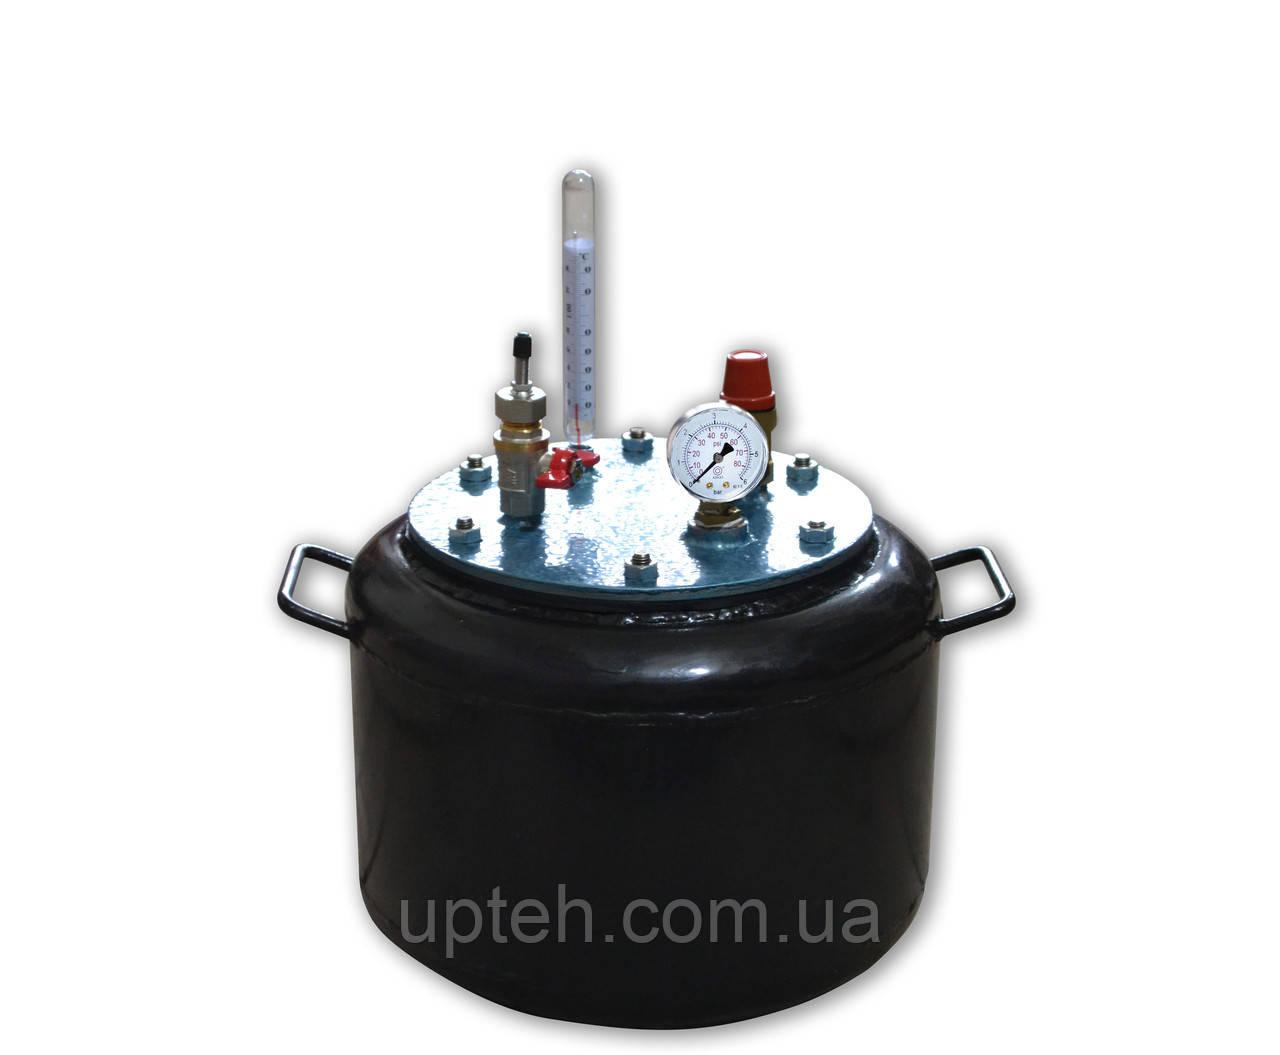 """Автоклав бытовой для консервирования """"УТех-8"""""""